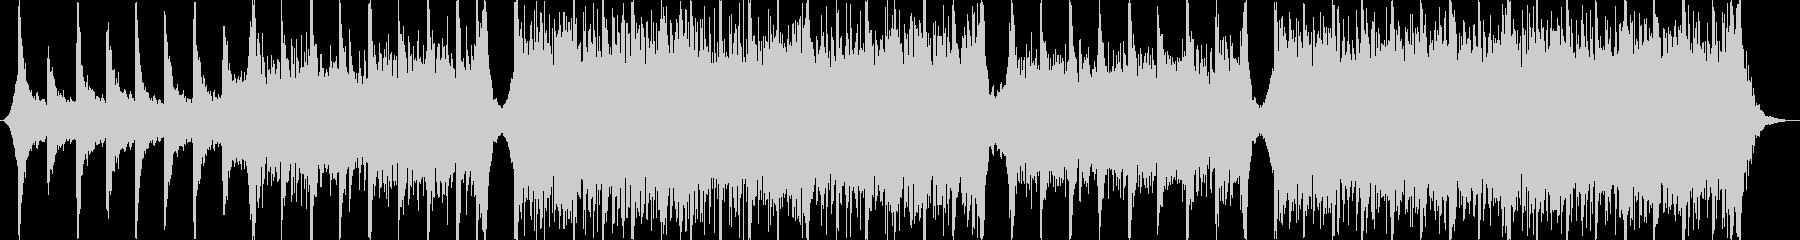 エピック系オーケストラトレイラーの未再生の波形